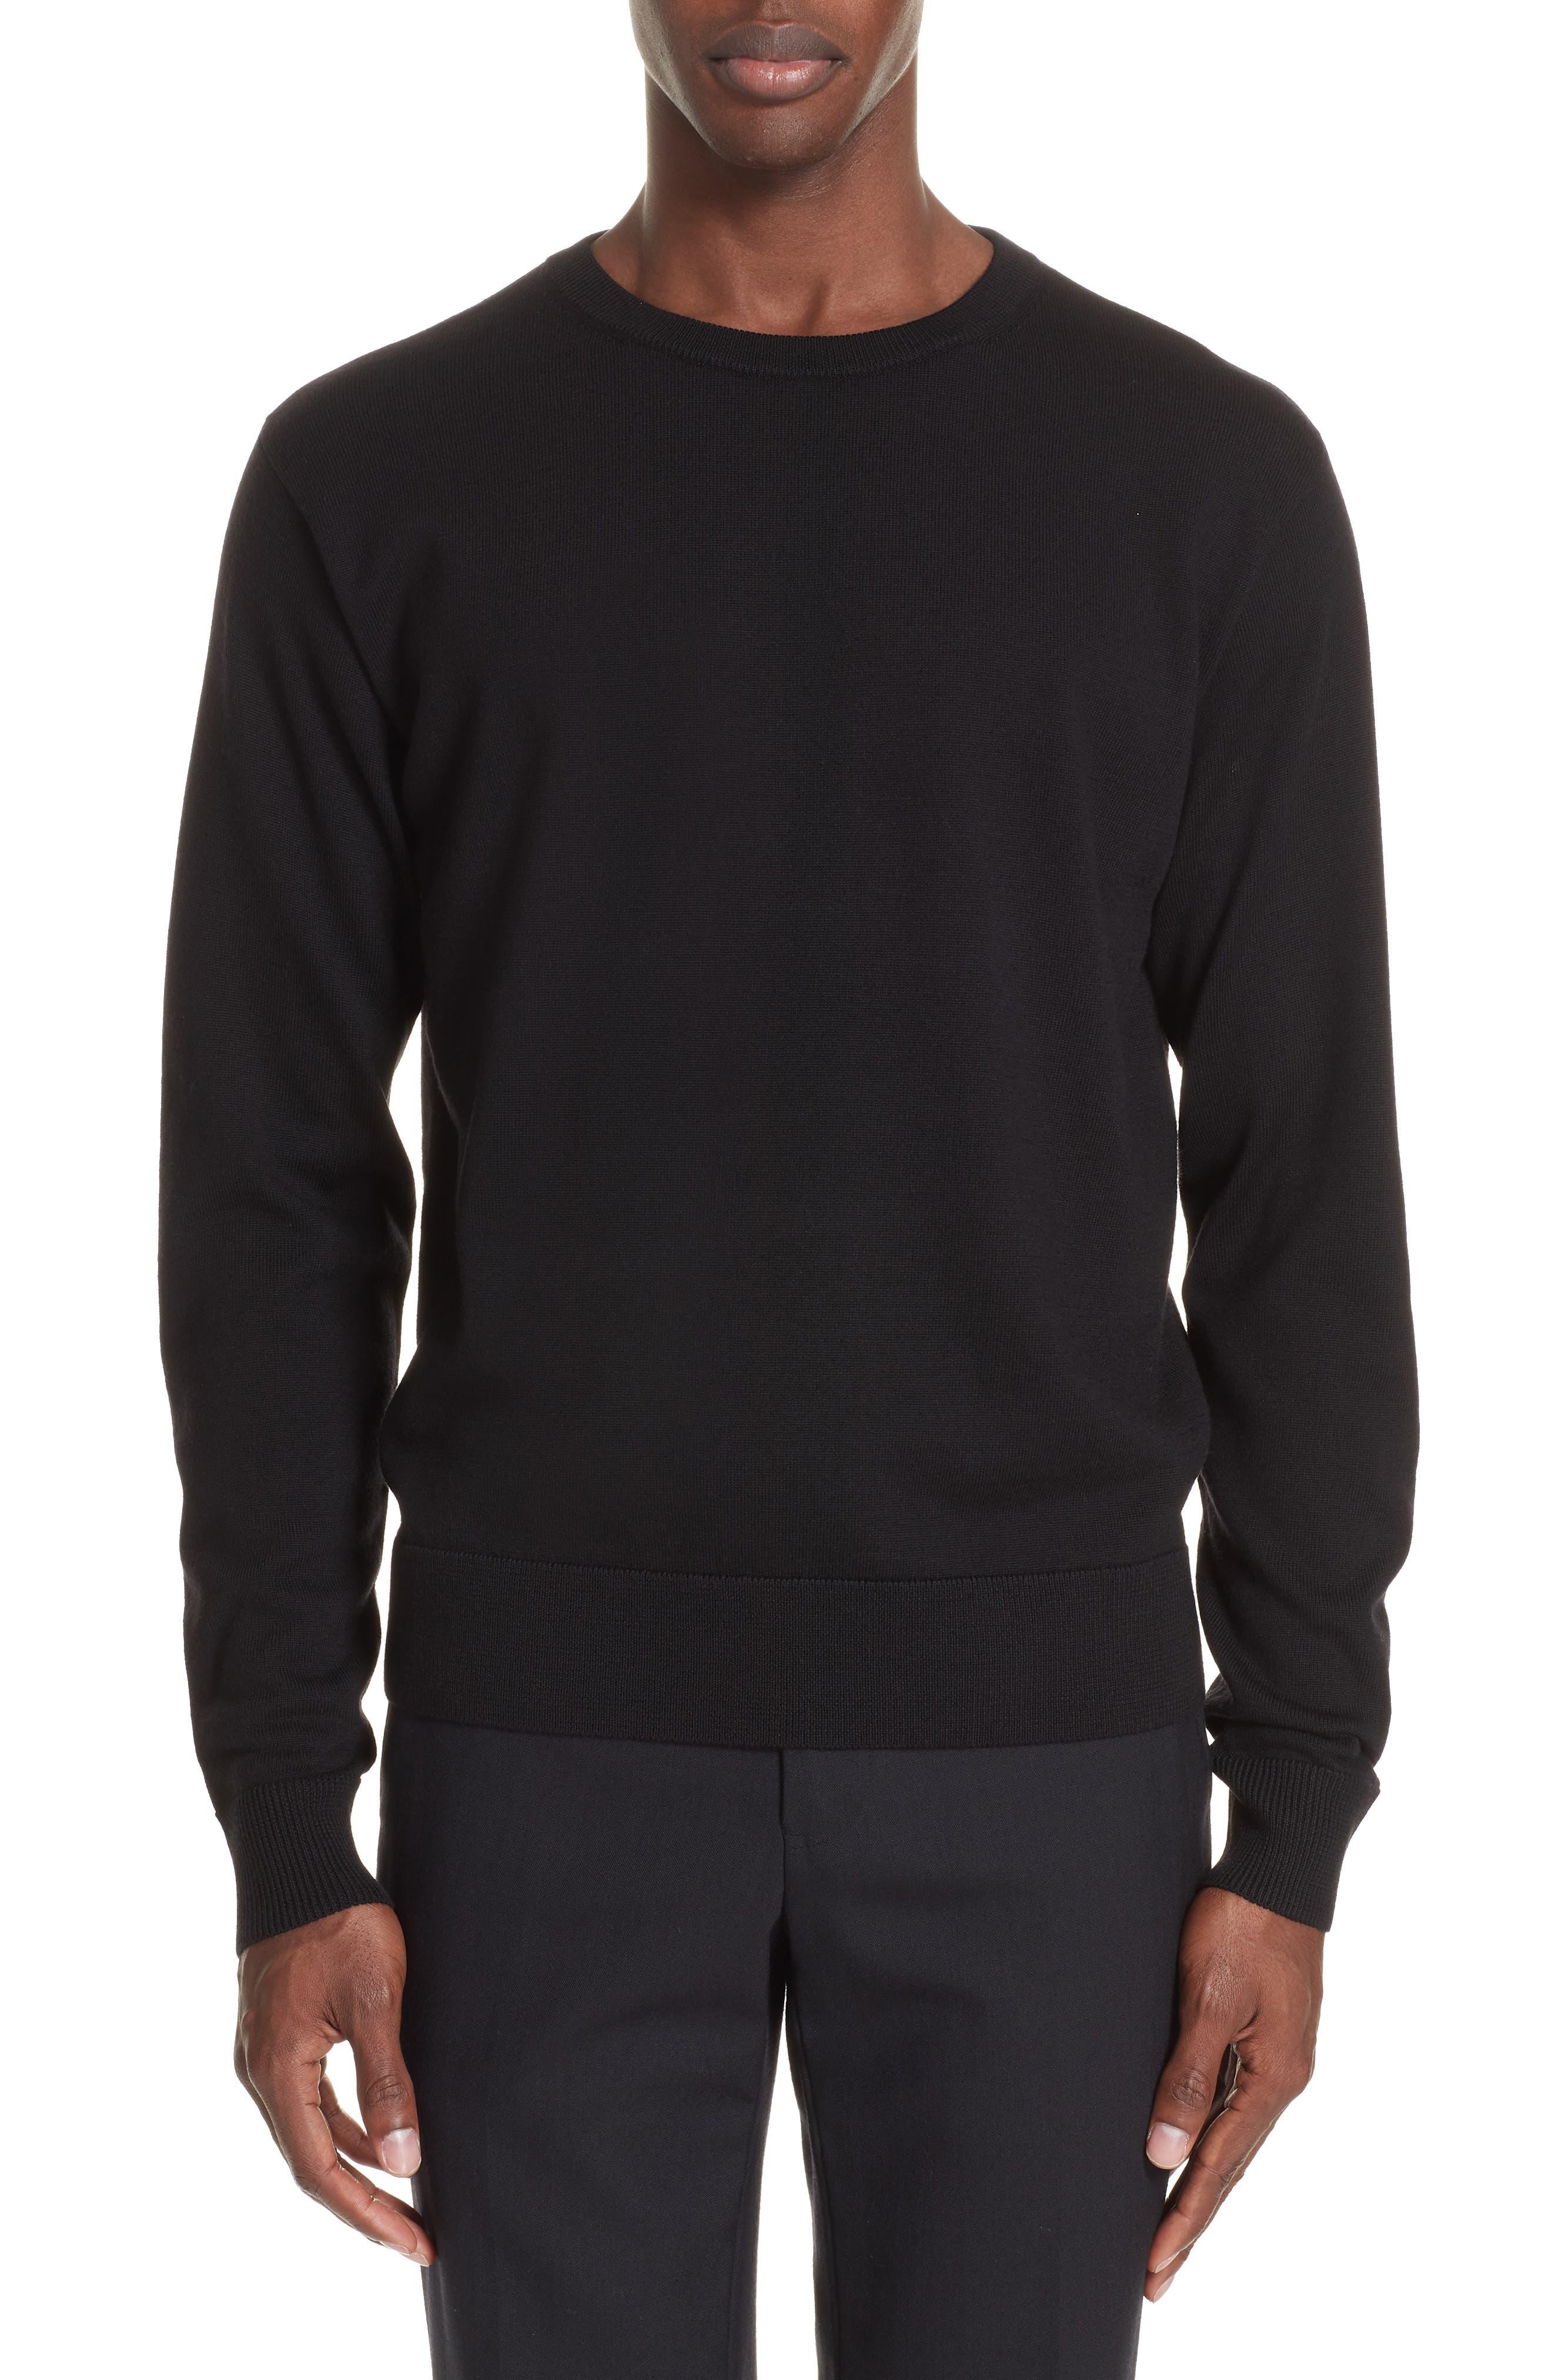 Dries Van Noten Midday Merino Wool Sweater, Black